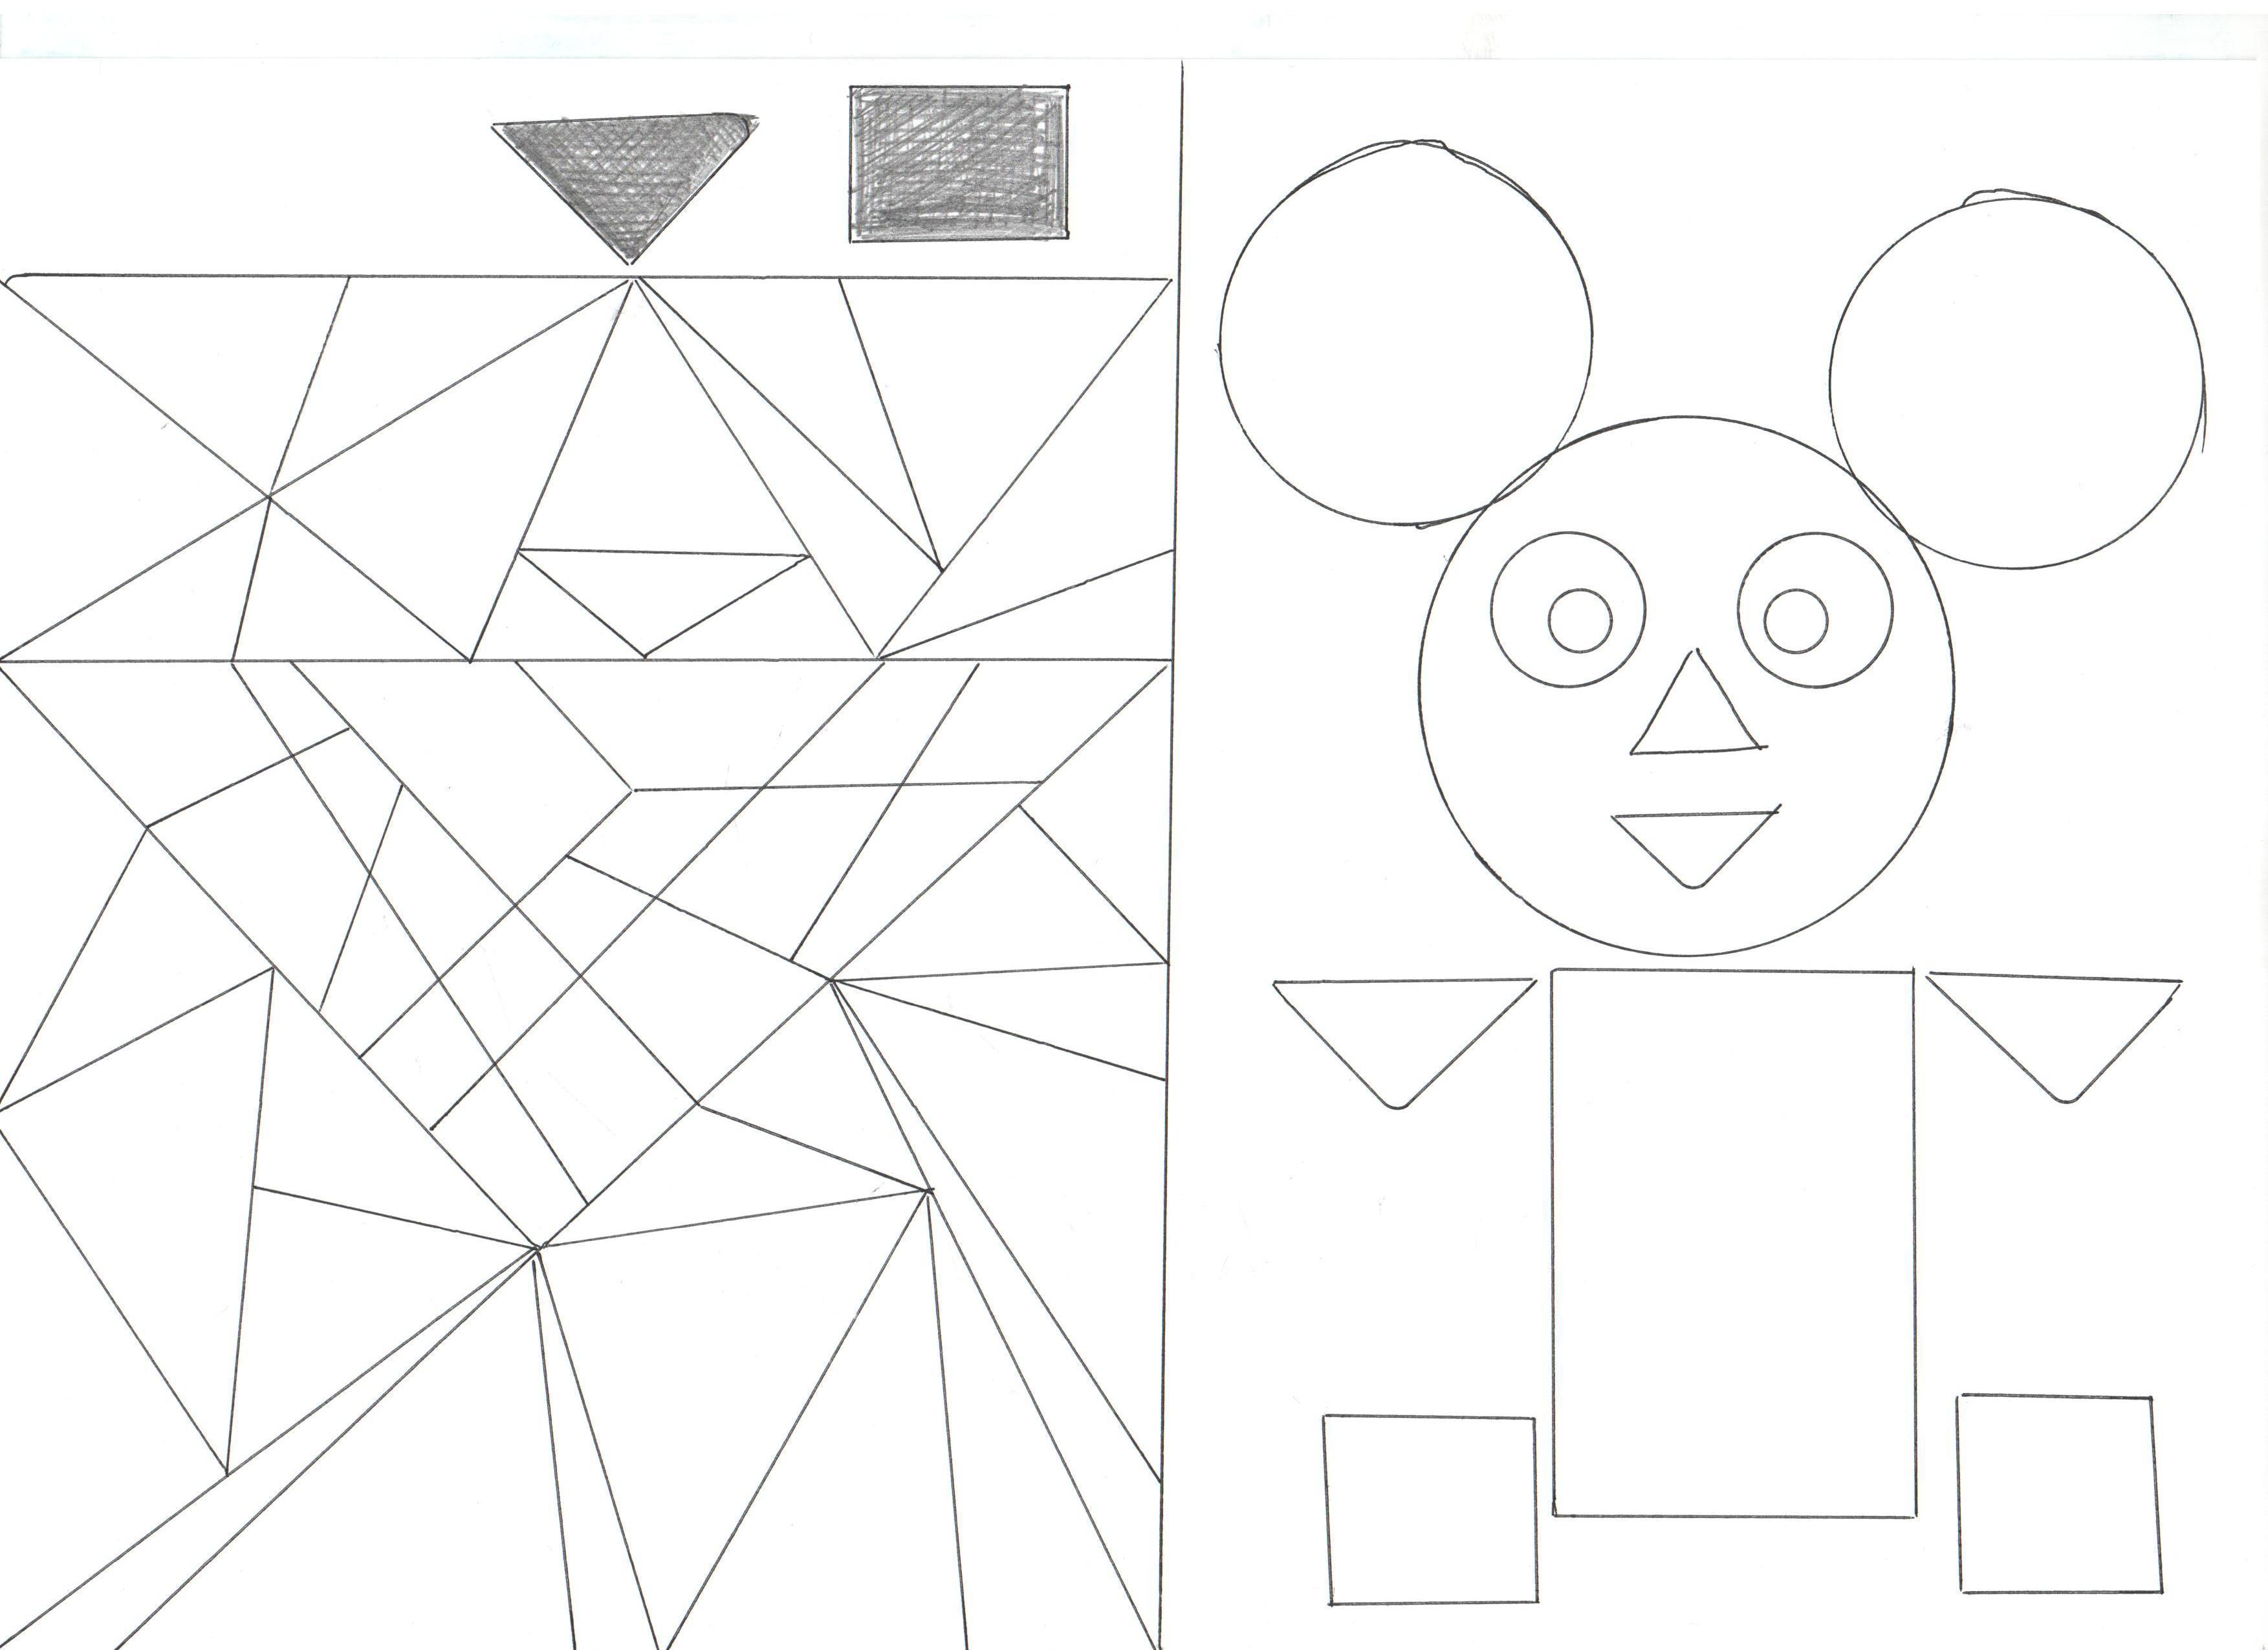 говора том, несложные картинки из геометрических фигур беседку